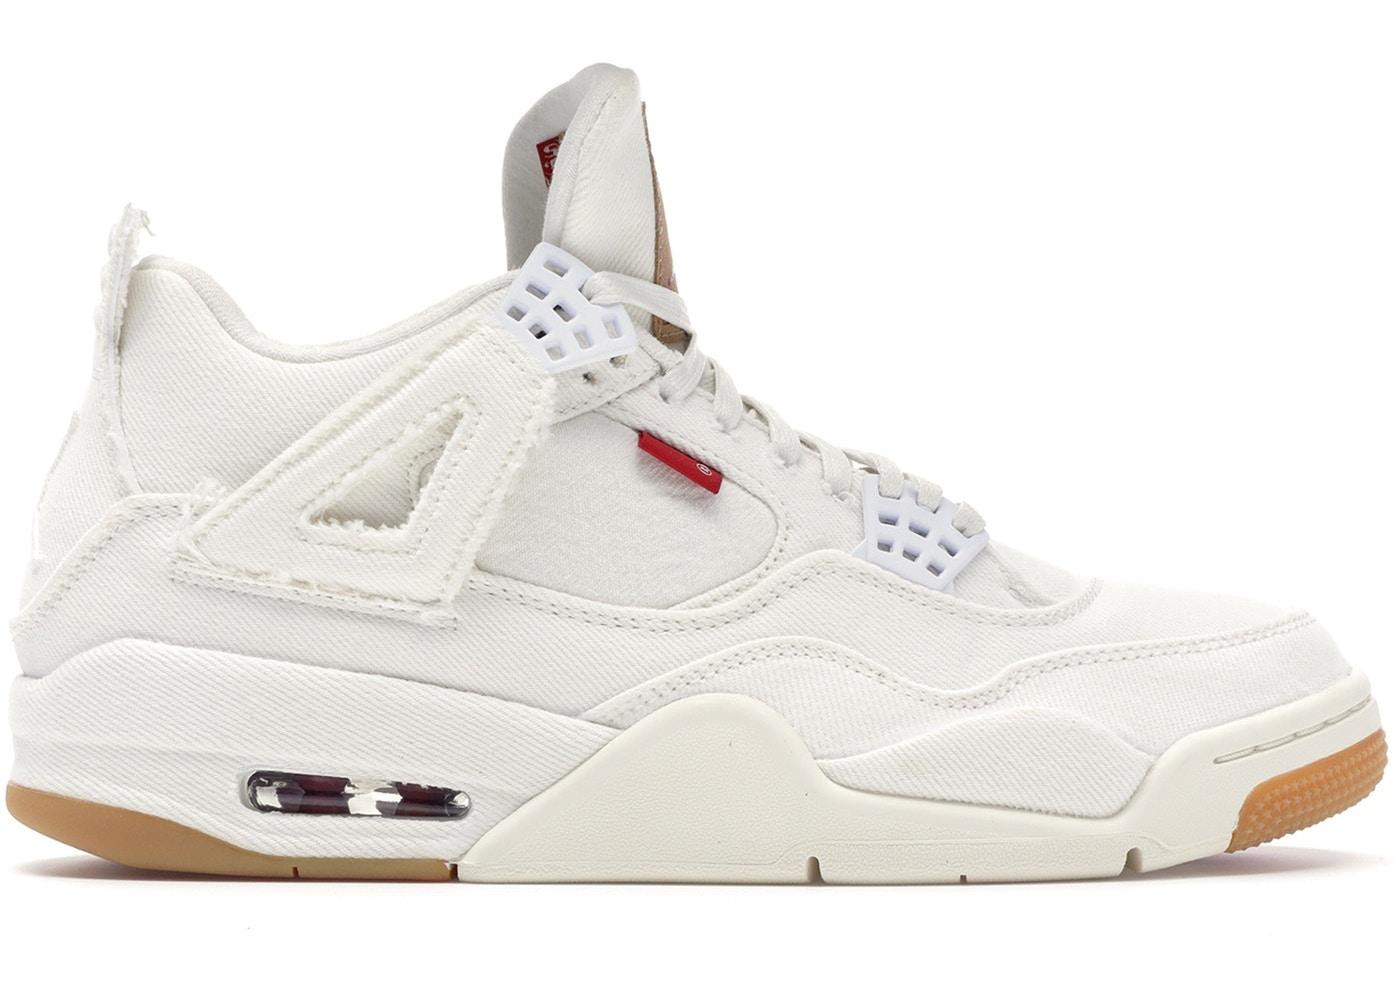 cheaper a9161 e43e2 Jordan 4 Retro Levi's White (Blank Tag)